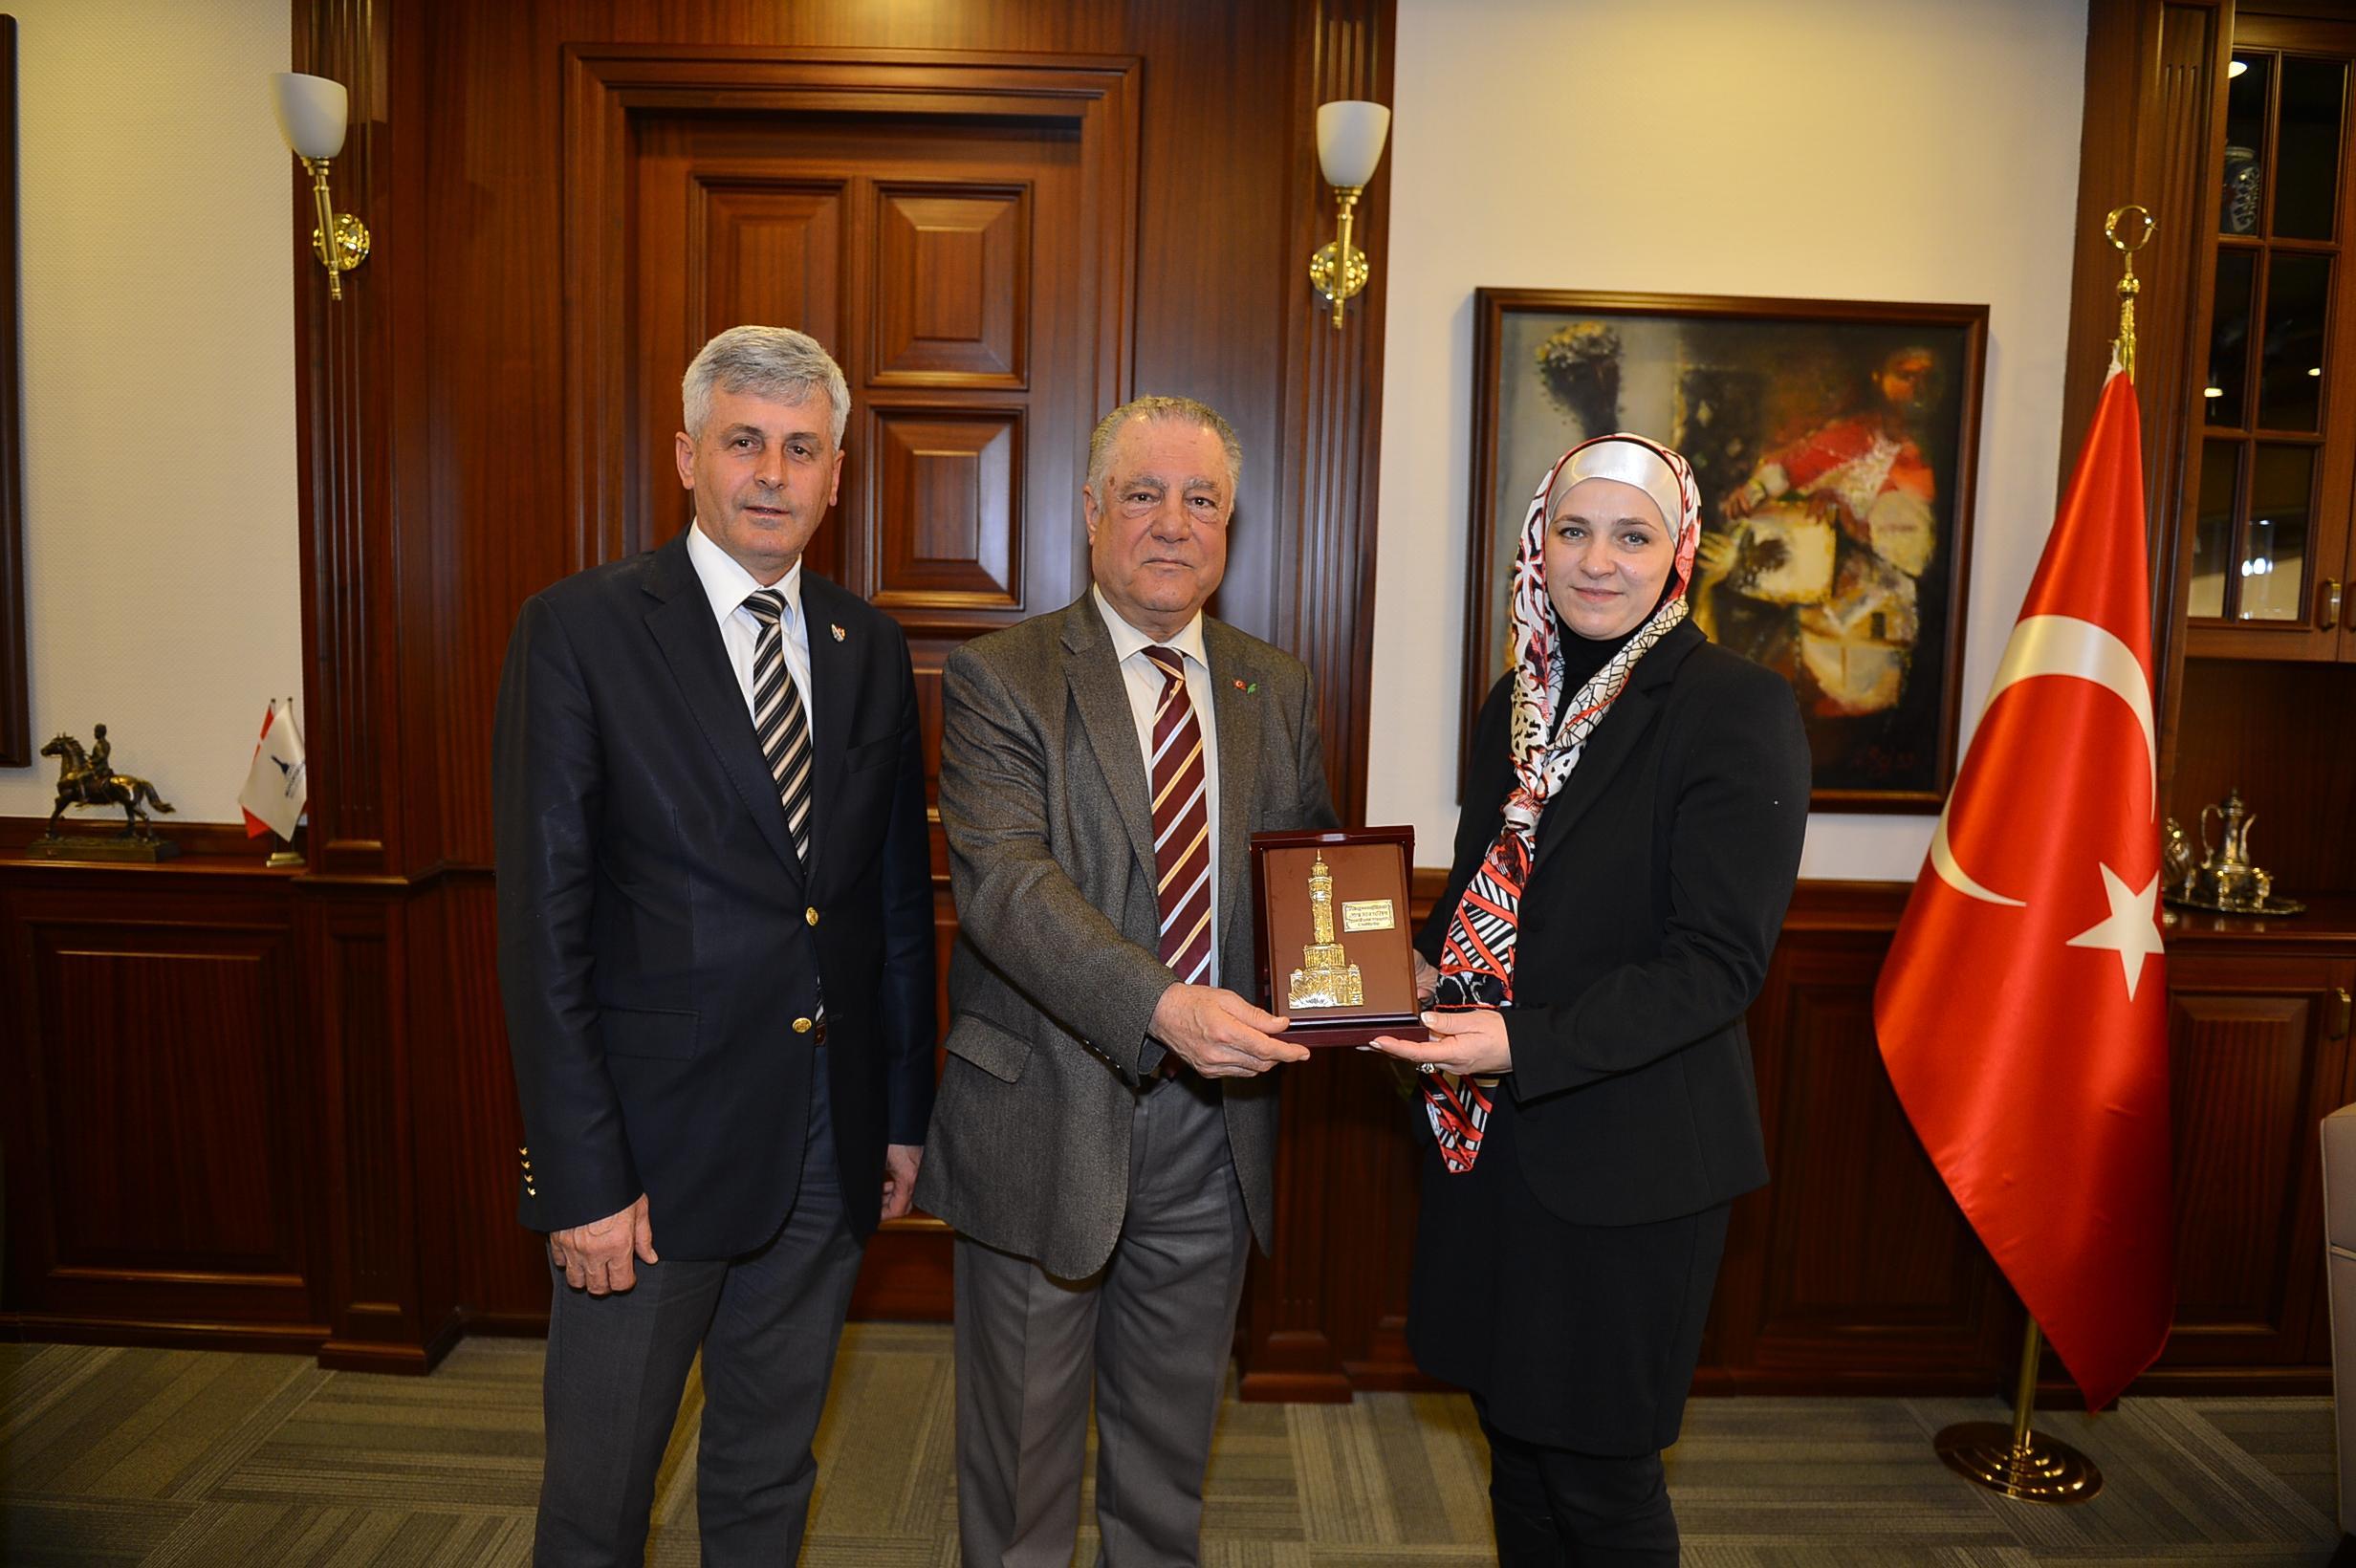 http://resimler.izmir-bld.gov.tr/upload/picture/s805507.jpg